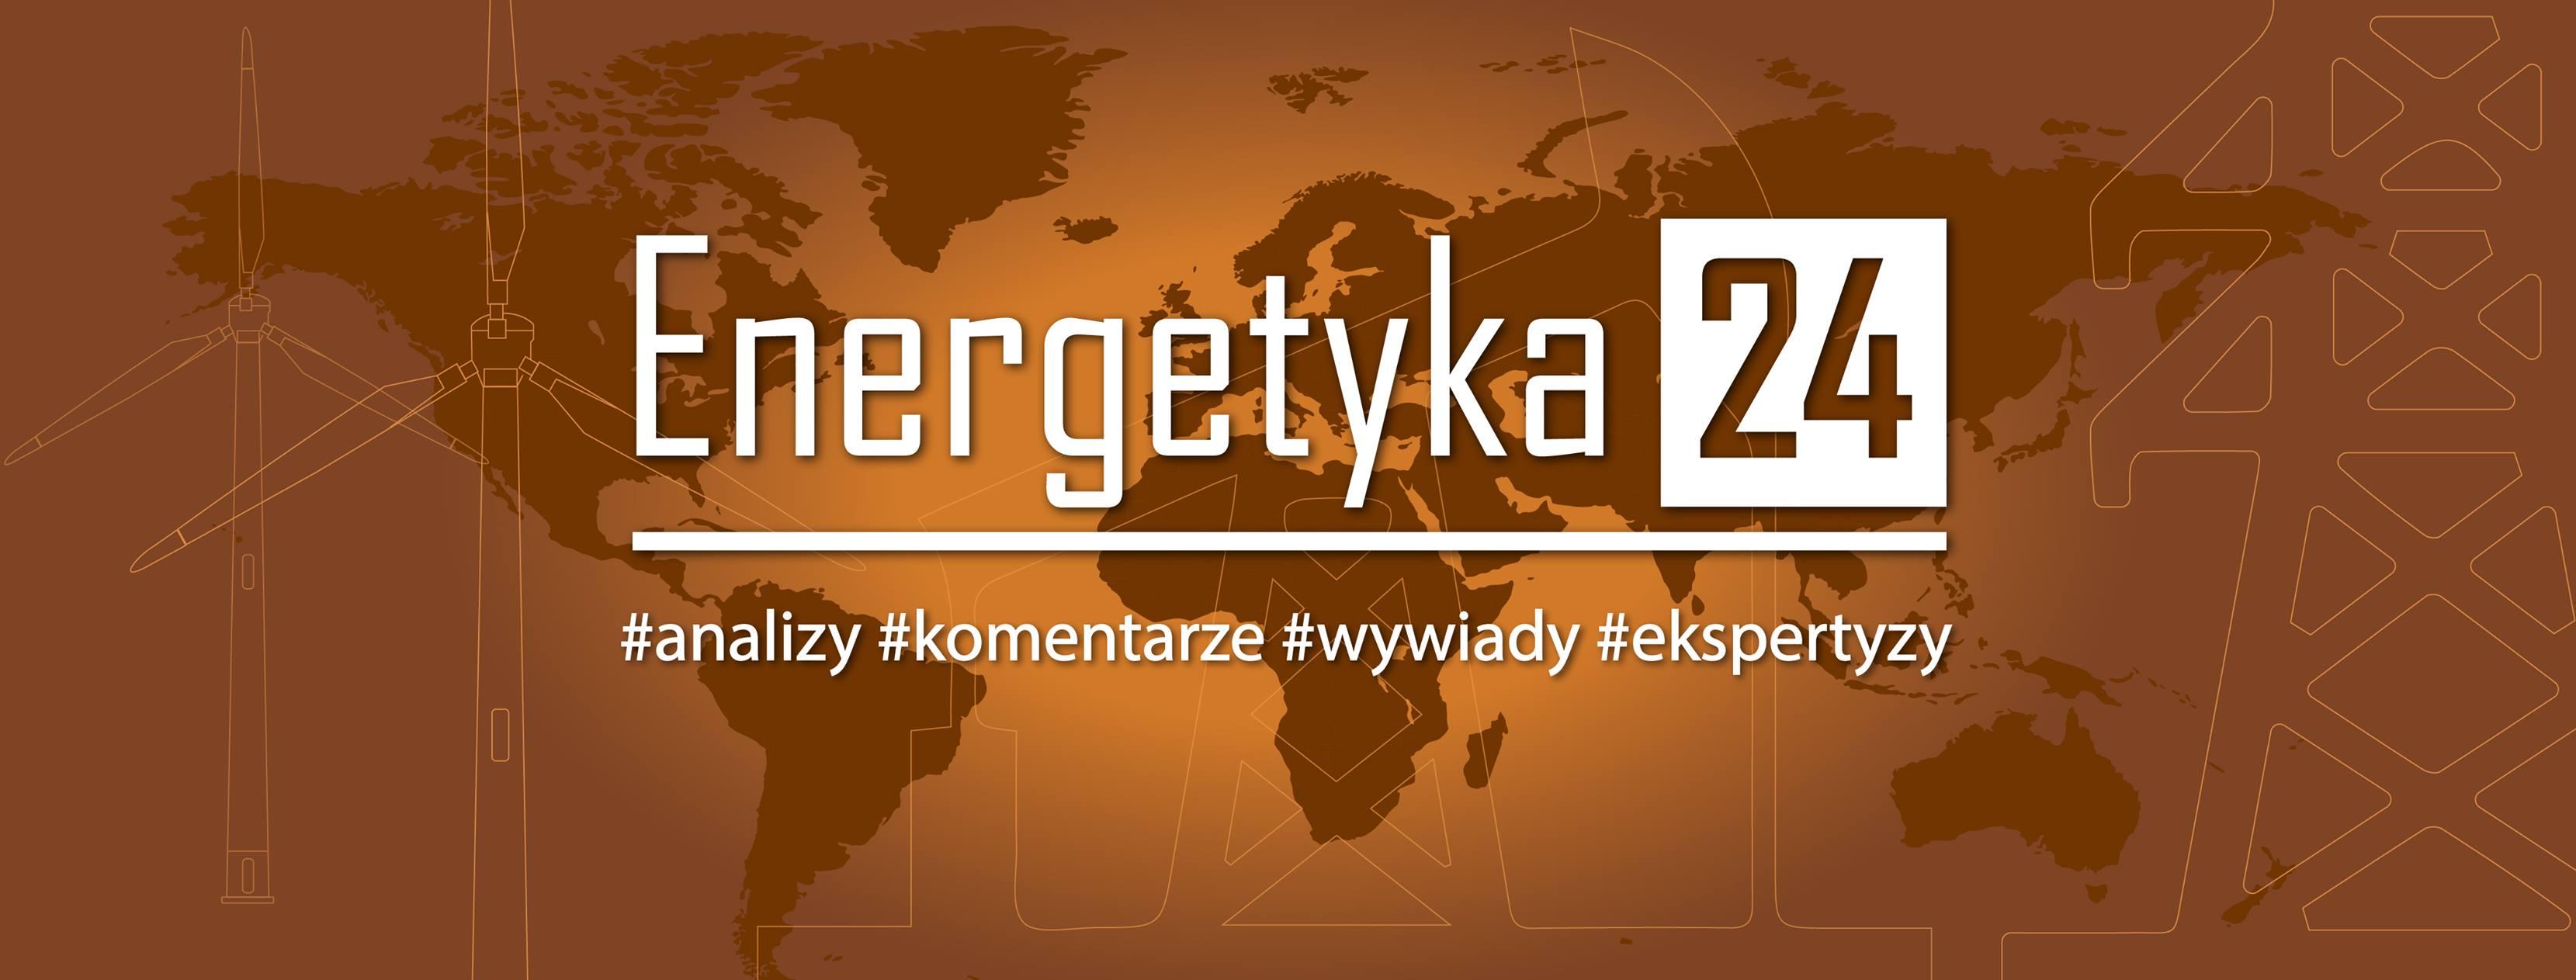 Warsaw Institute cytowane przez Energetyka24